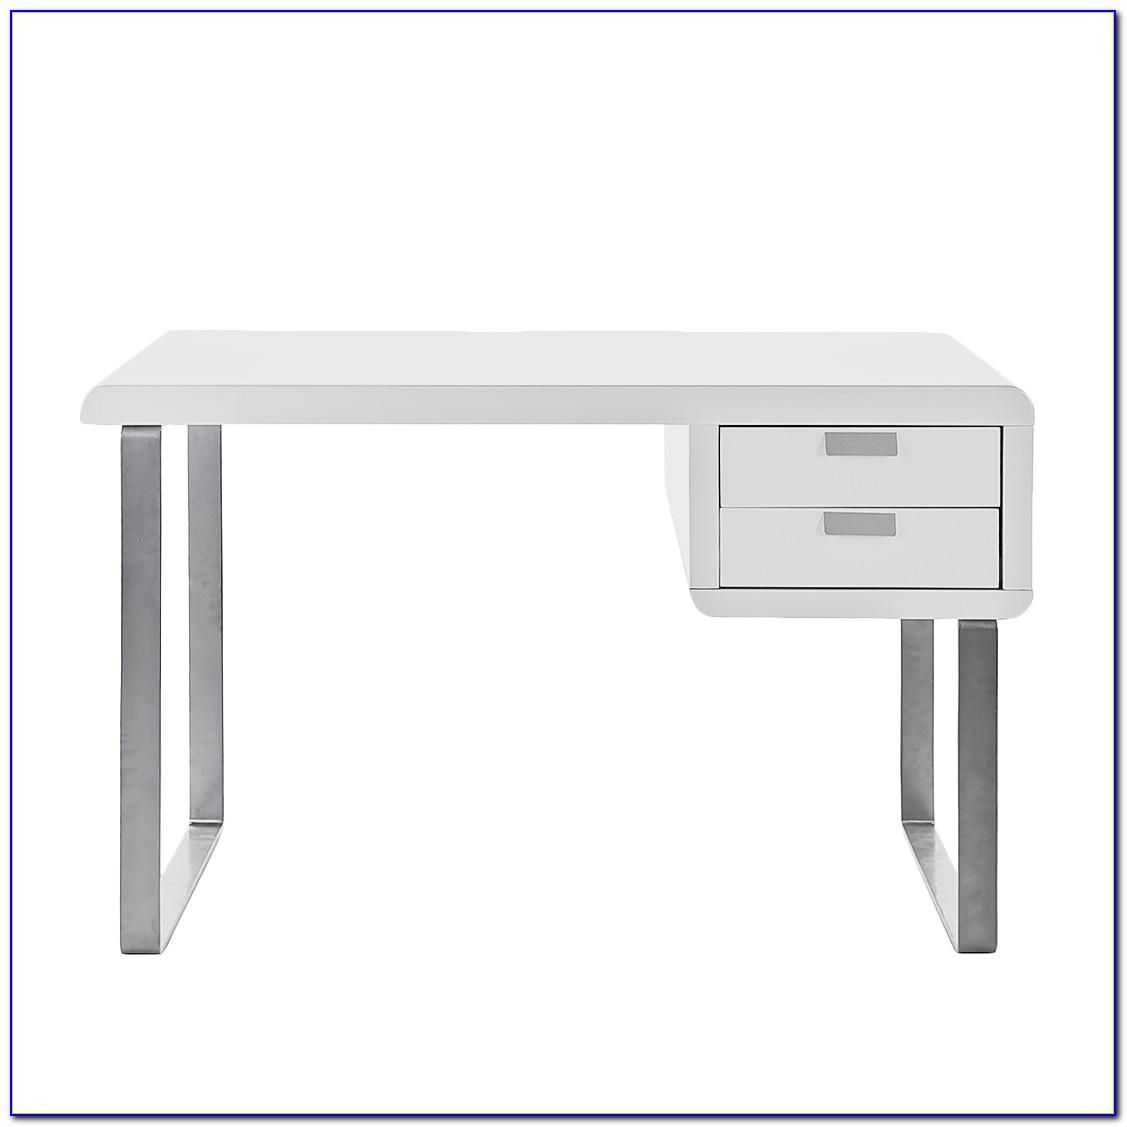 Schreibtisch 100cm Tief